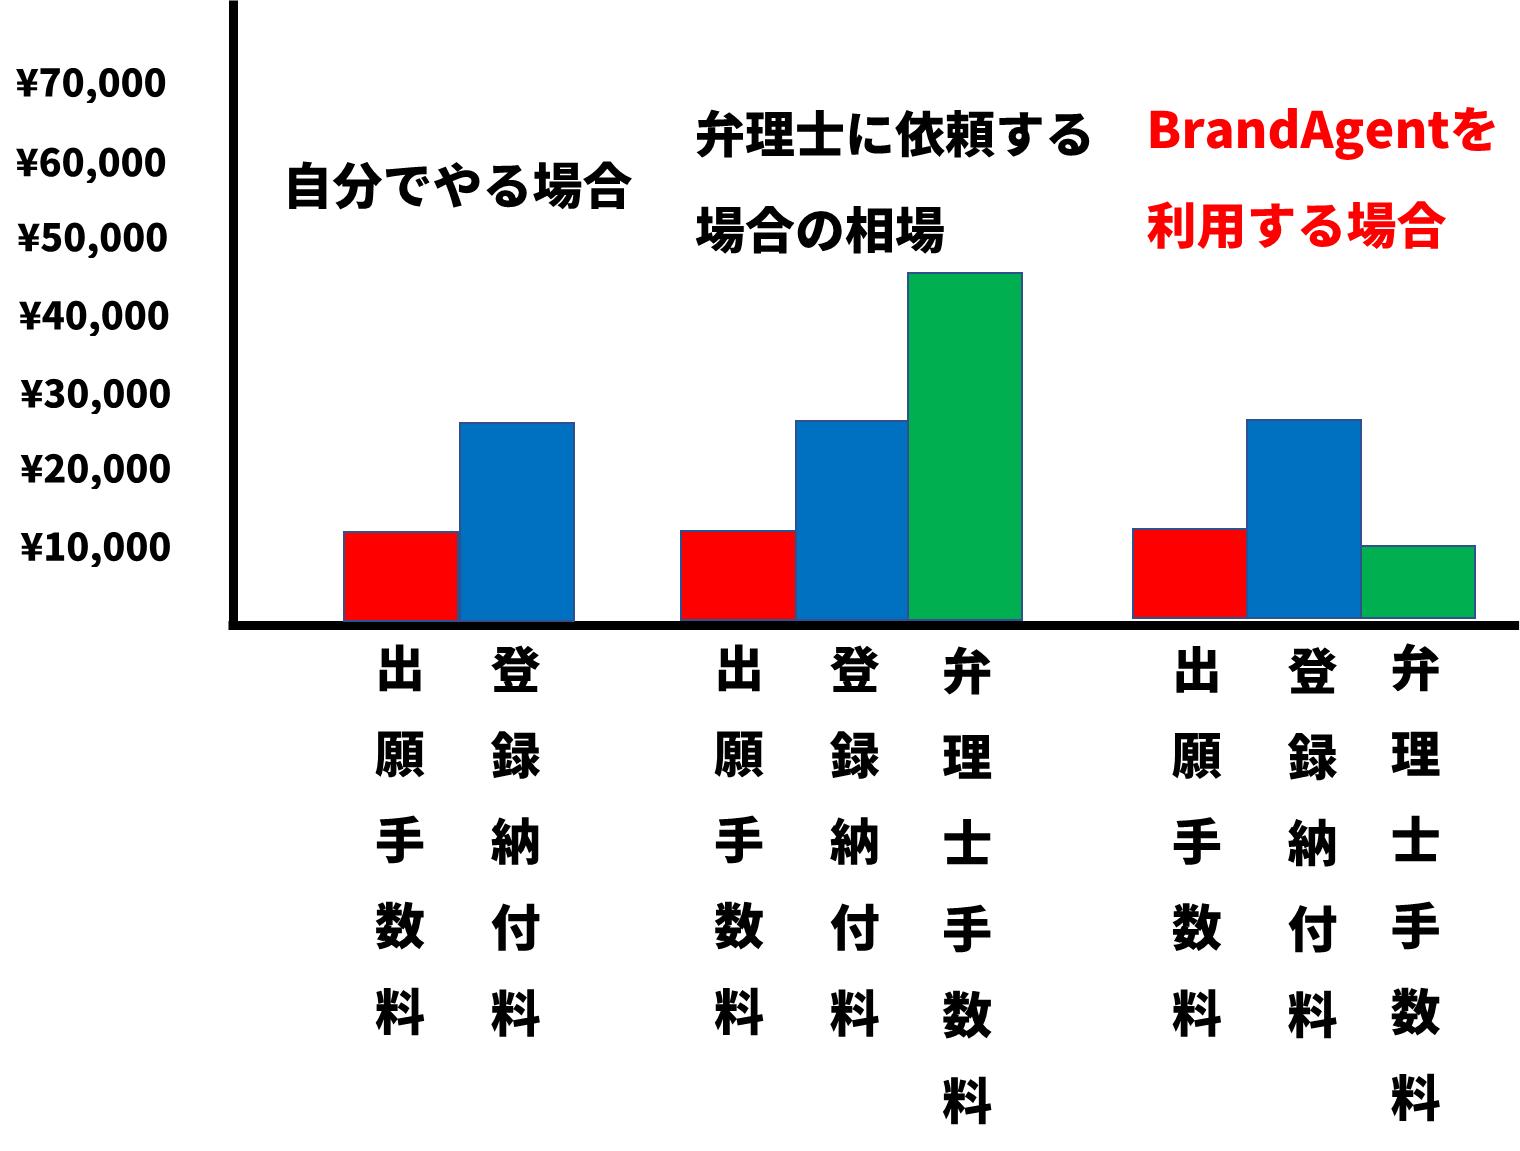 商標登録の費用と相場のグラフ